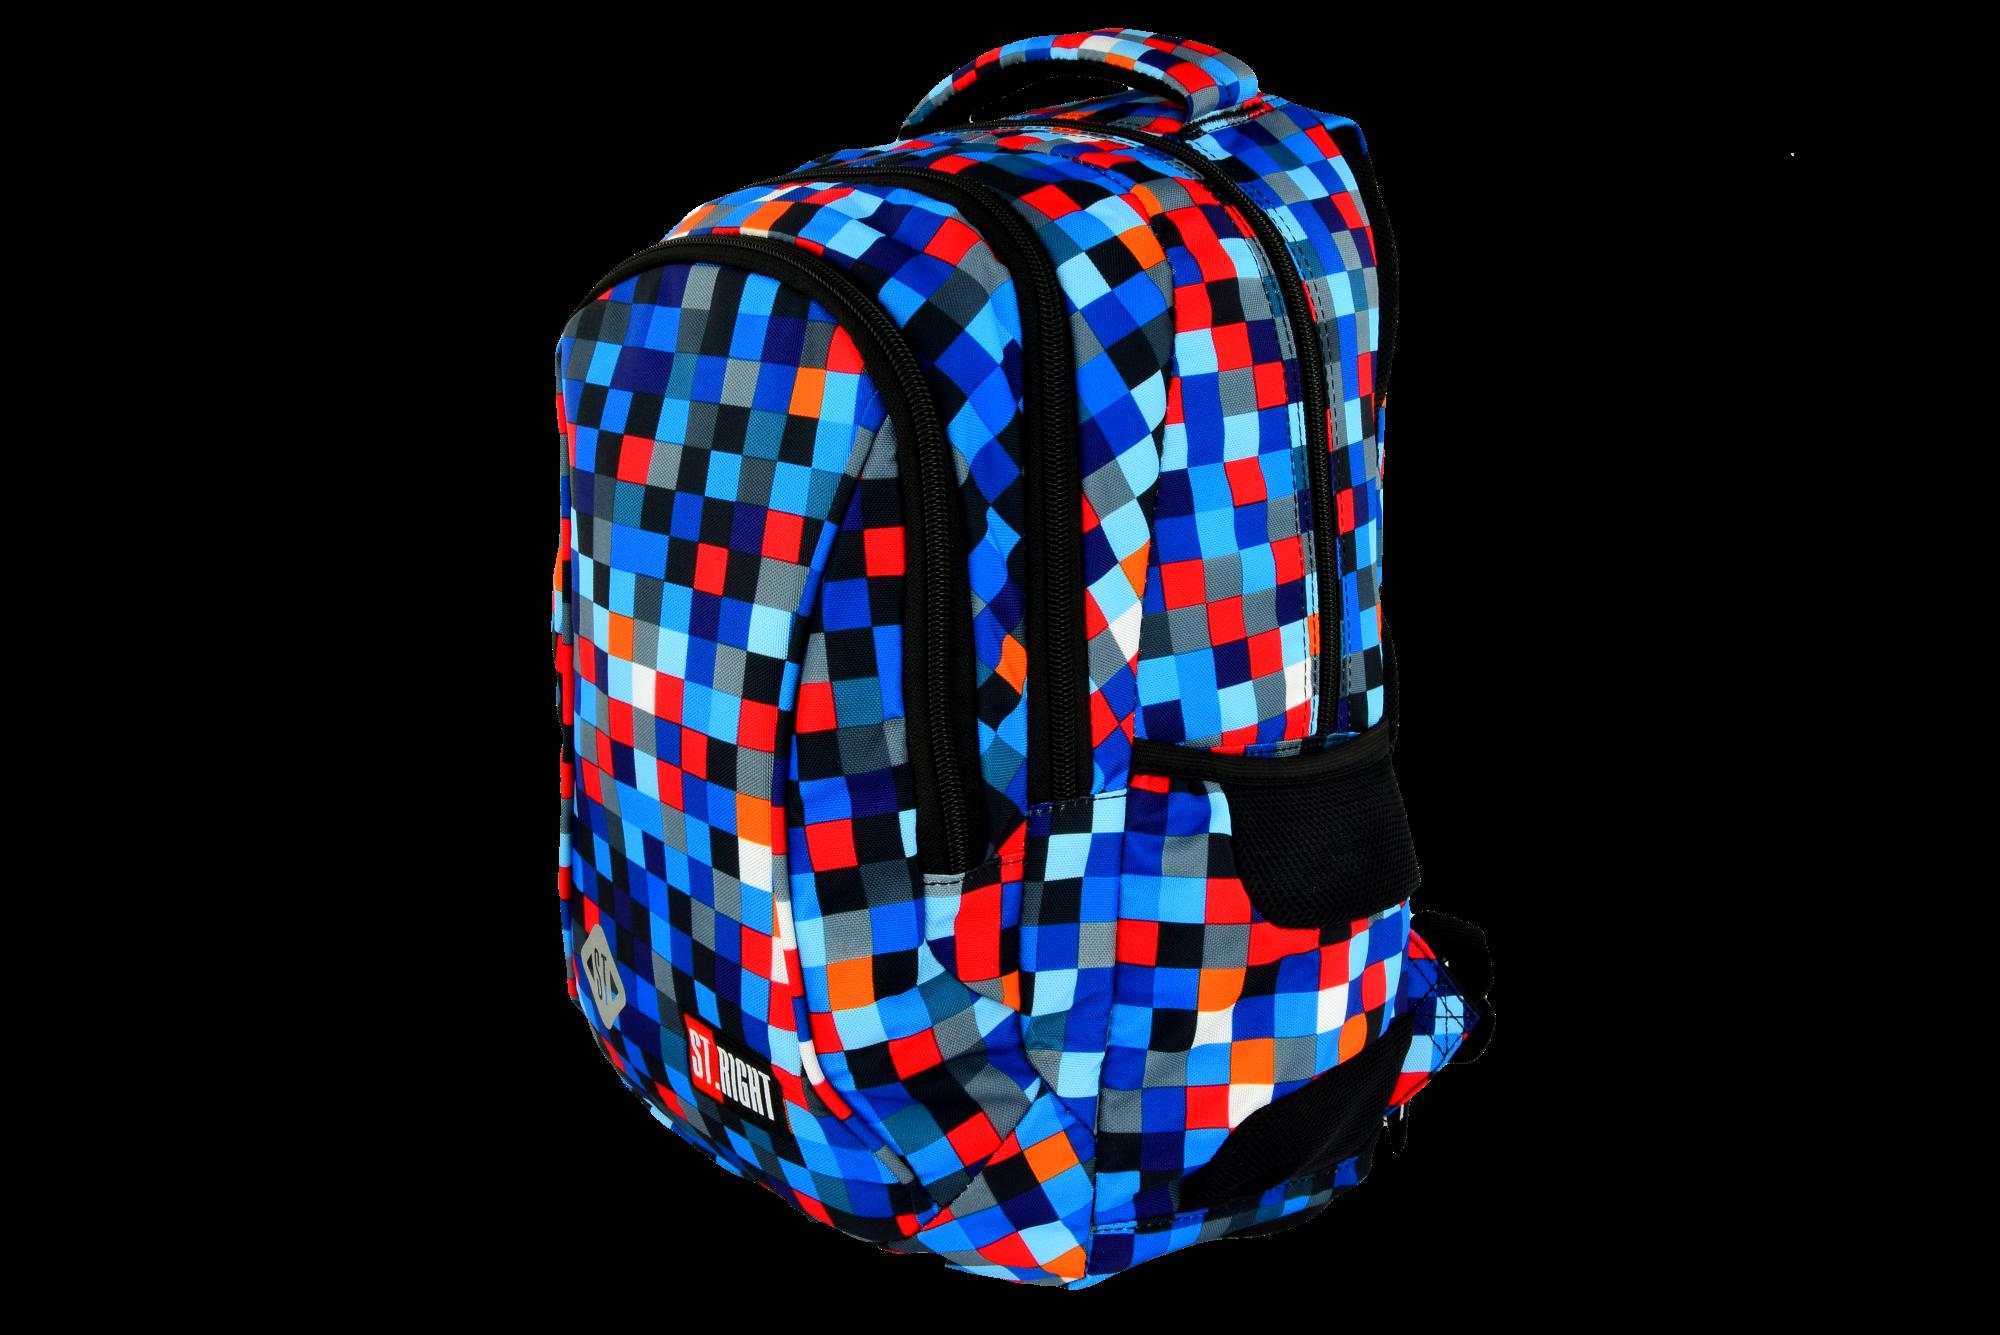 b1707ee59979c ST.RIGHT BP-26 PIXELMANIA BLUE Plecak Młodzieżowy, Szkolny 3 komory ...